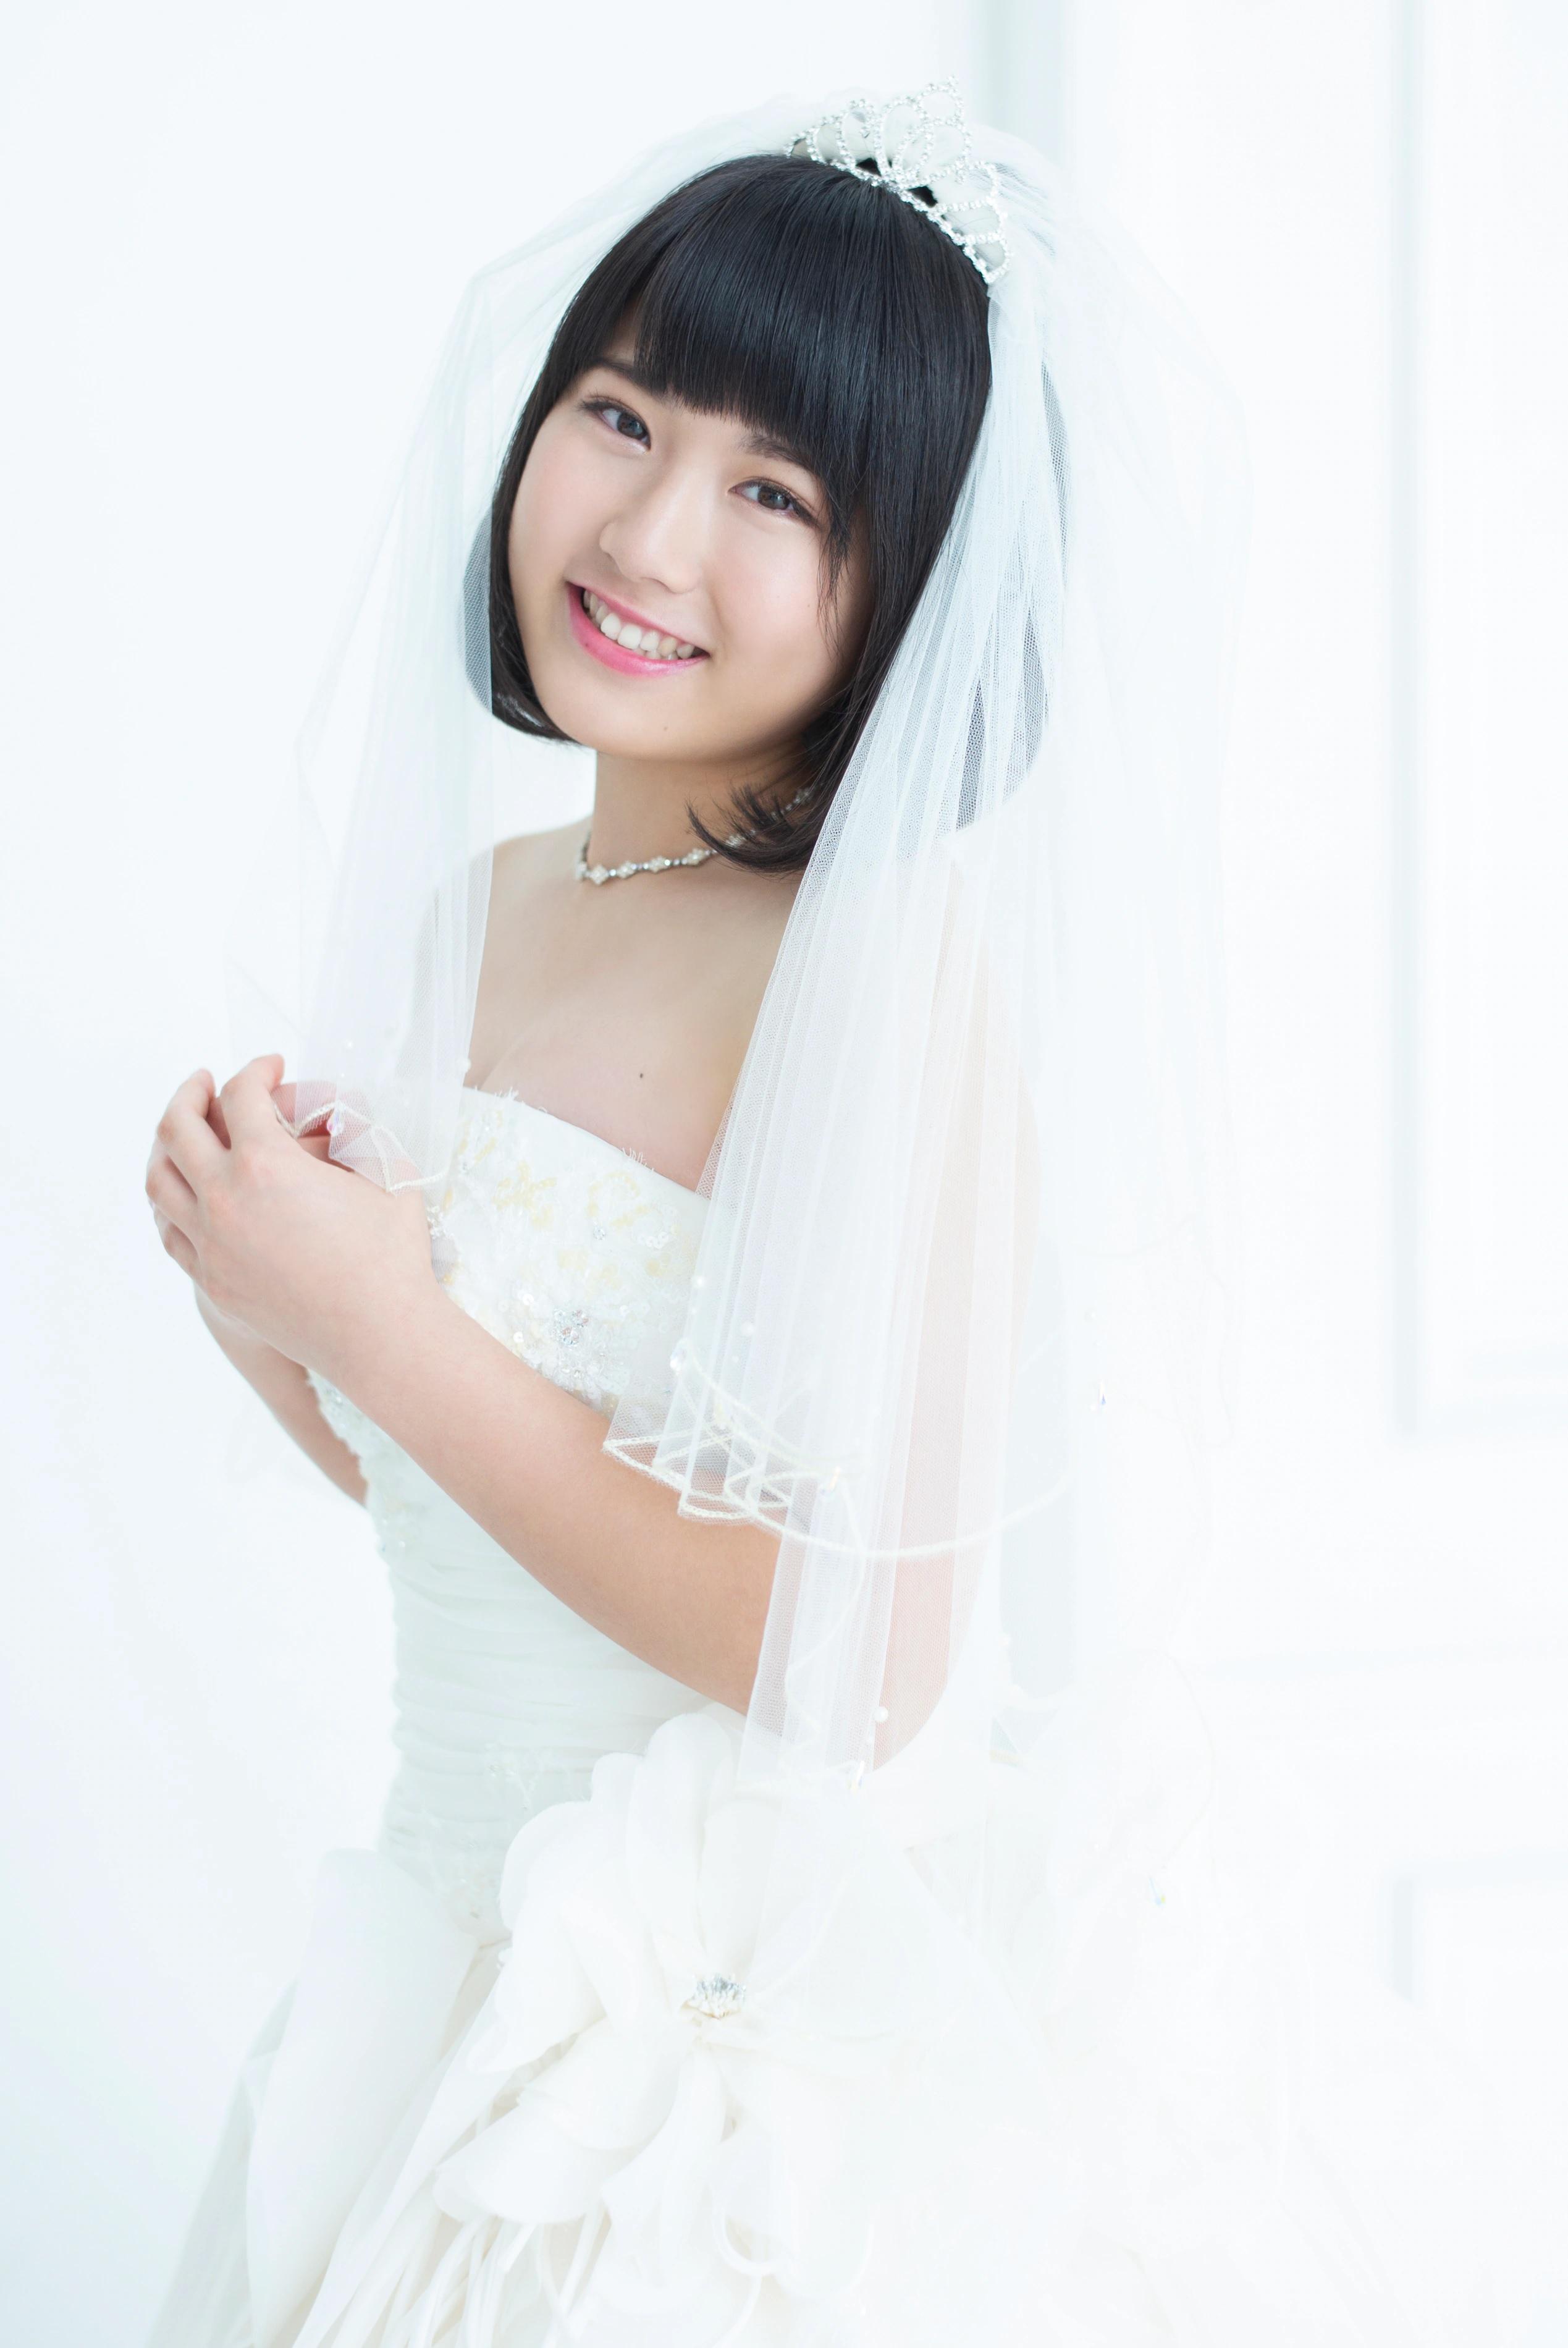 Nakaoki Rin